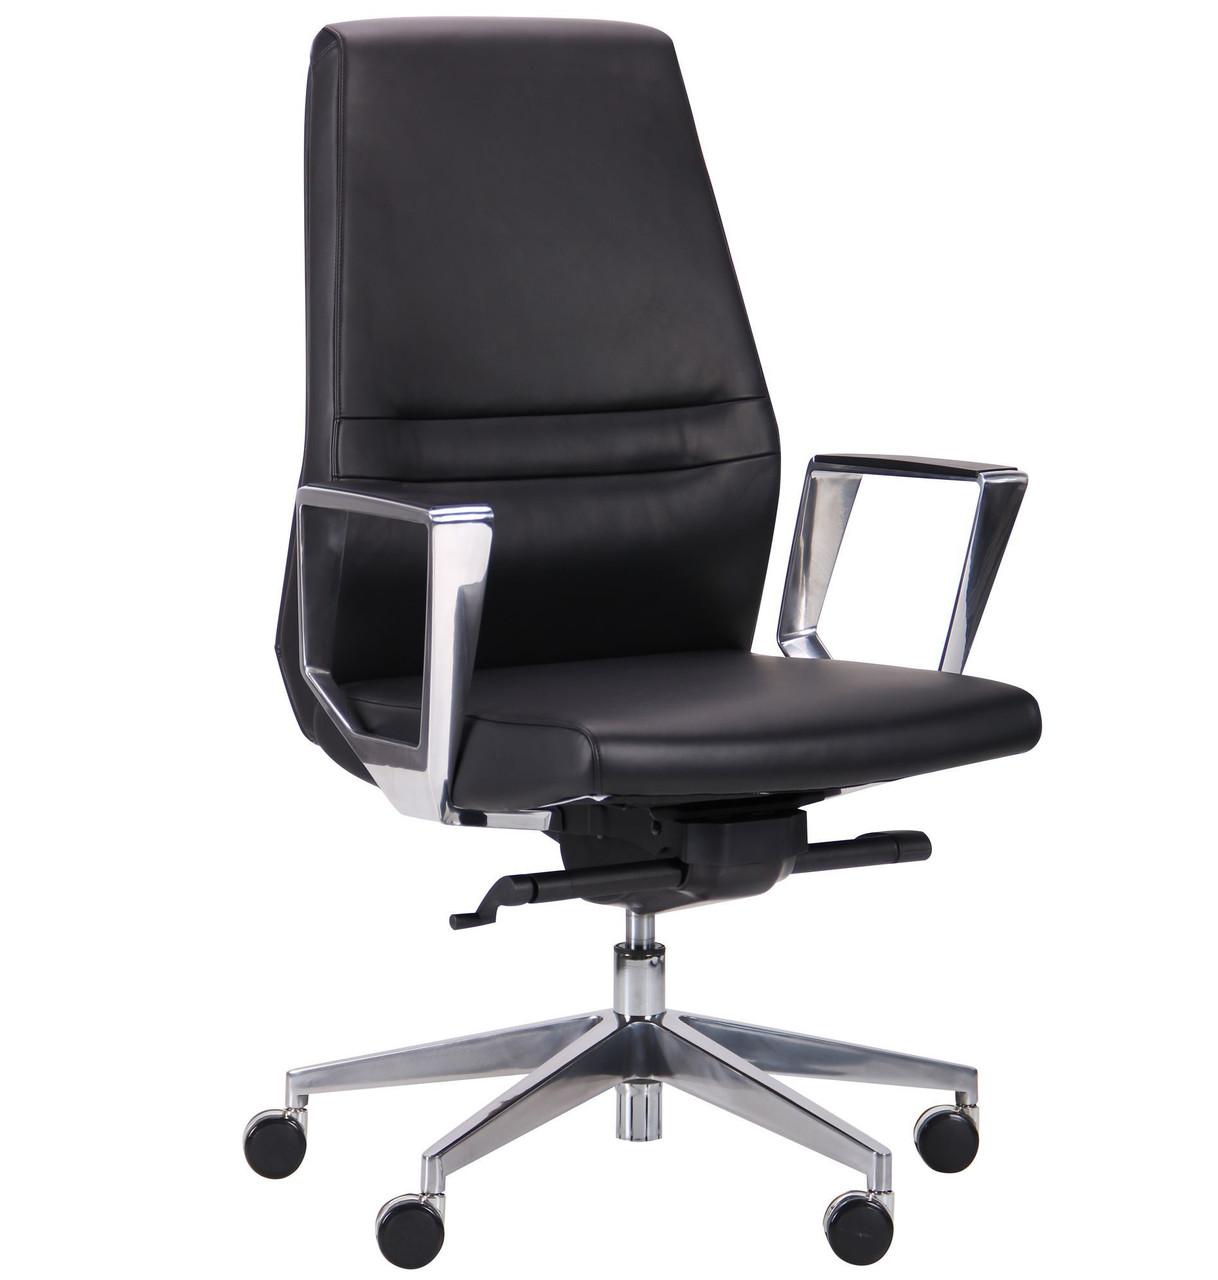 Офисное кресло Larry LB Коллекция Empire, ТМ AMF